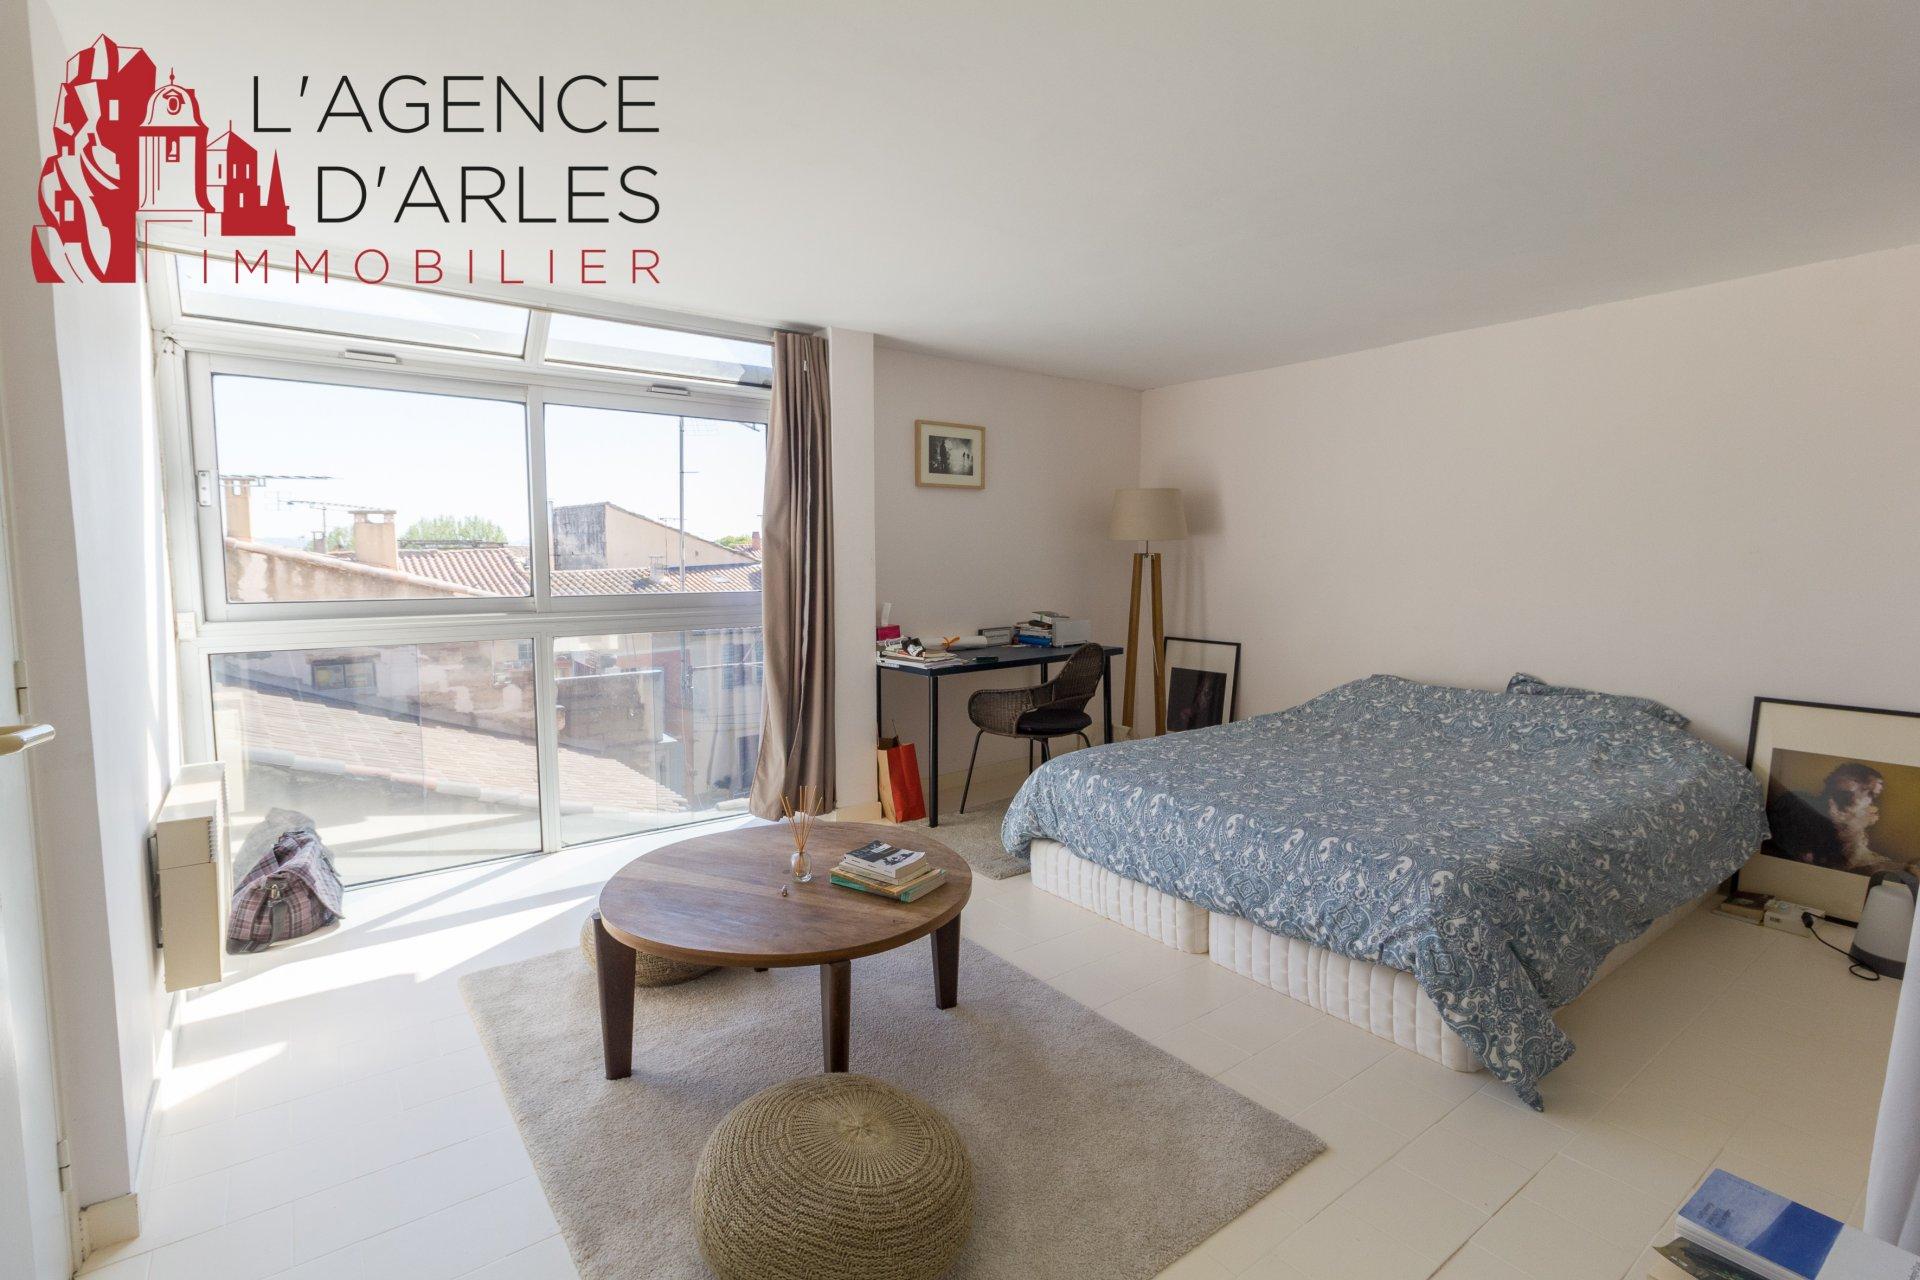 Appartement lumineux aux Arènes d'Arles